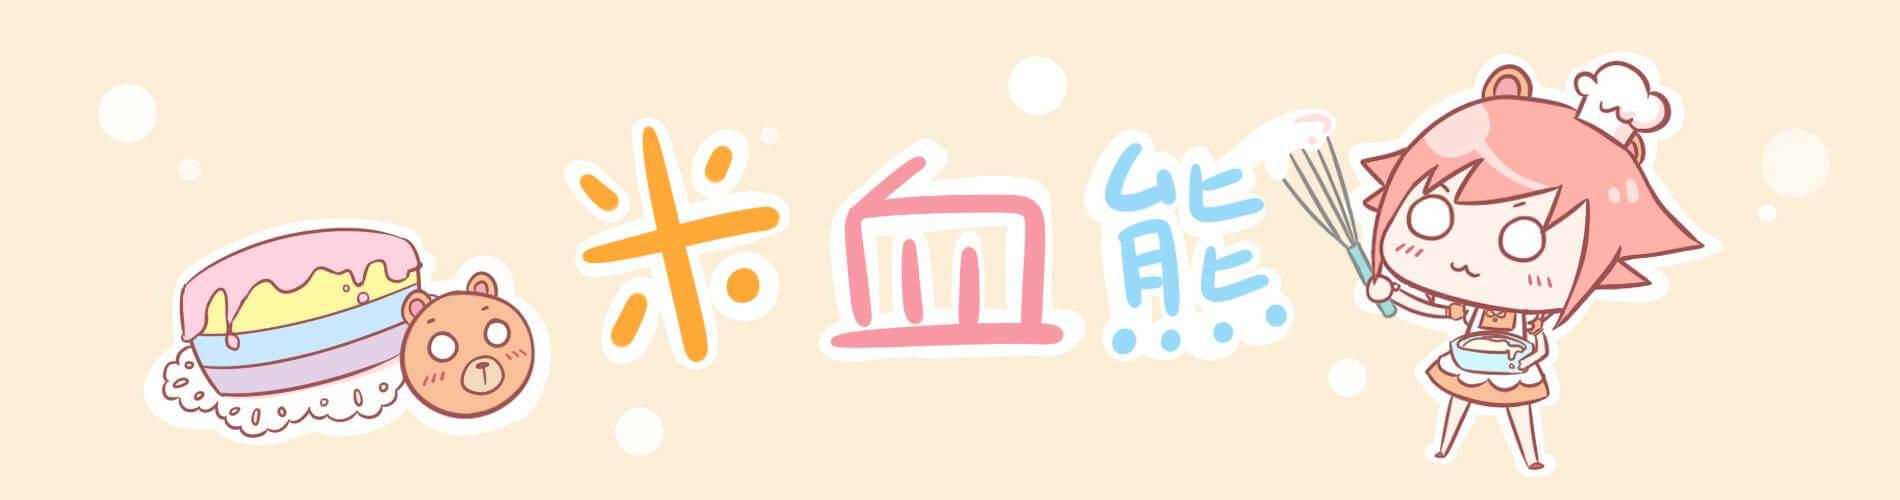 米血熊, 冰淇淋蛋糕, 推推桶, PX 漫漫手工甜點市集, 手工甜點, 冰淇淋蛋糕, 與手工甜點對話的Susan, 插畫, 客製化